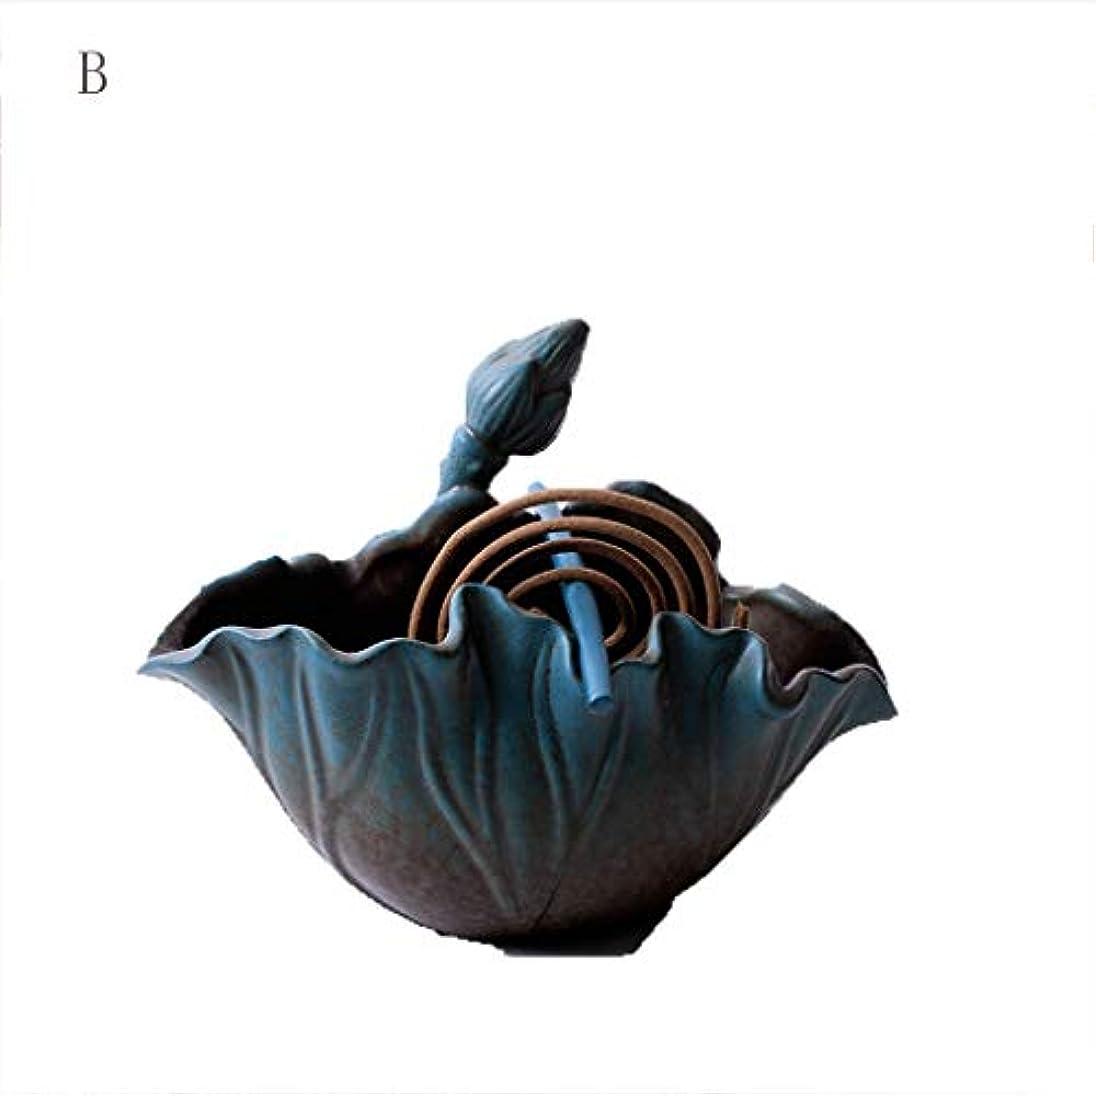 ホームアロマバーナー クリエイティブお香バーナーロータス香インサートセラミック皿白檀炉蚊香バーナー茶道 アロマバーナー (サイズ : B)